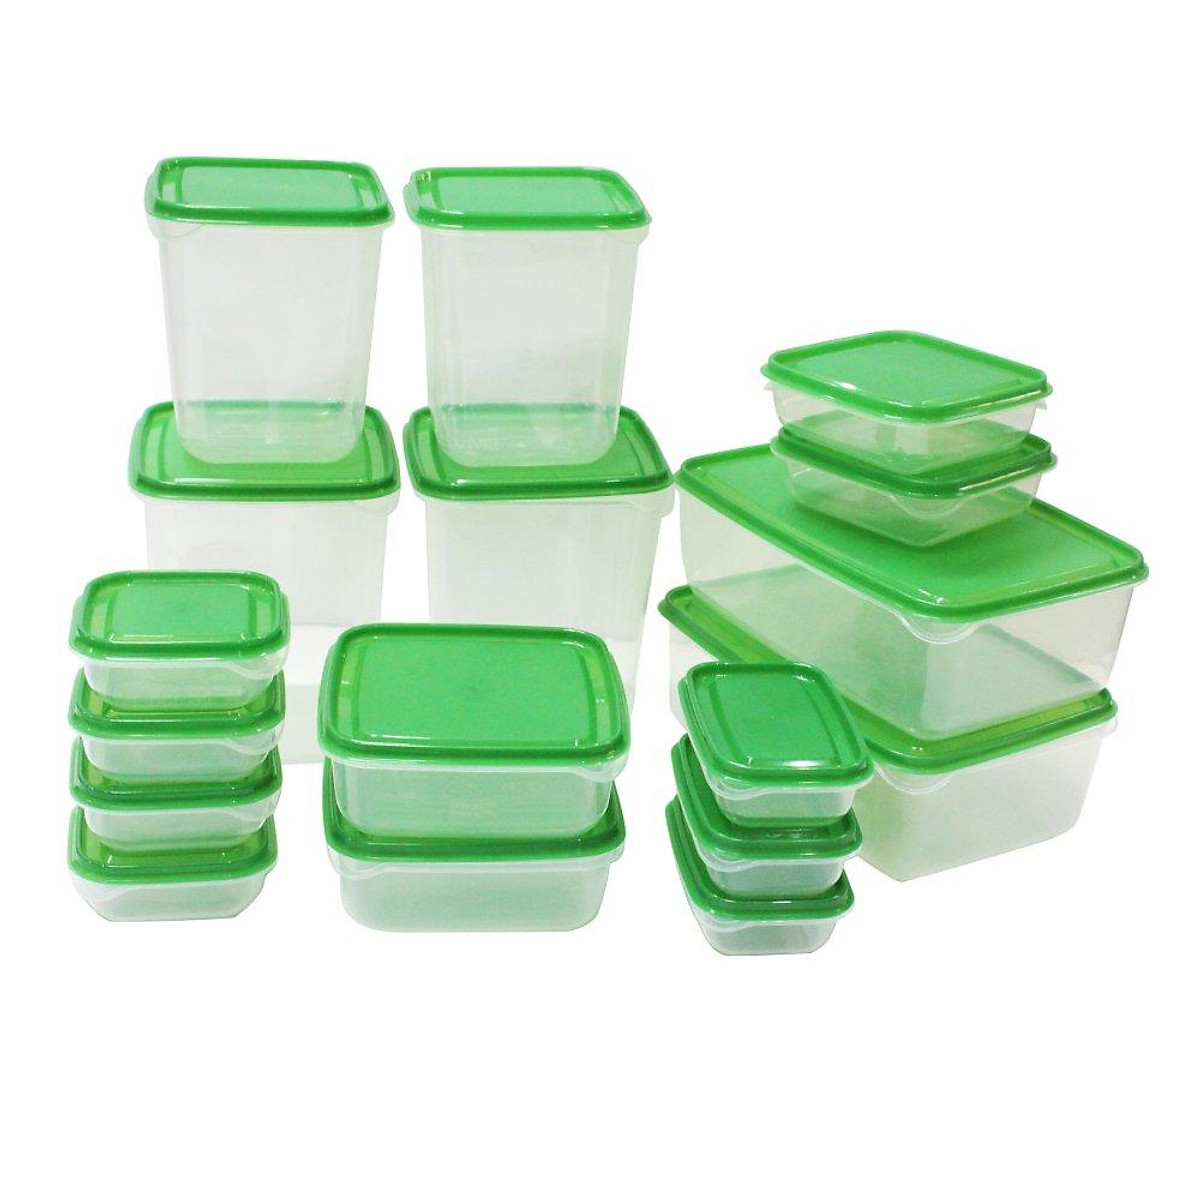 Bộ 17 hộp đựng thực phẩm đa năng- An toàn khi sử dụng | Tiki